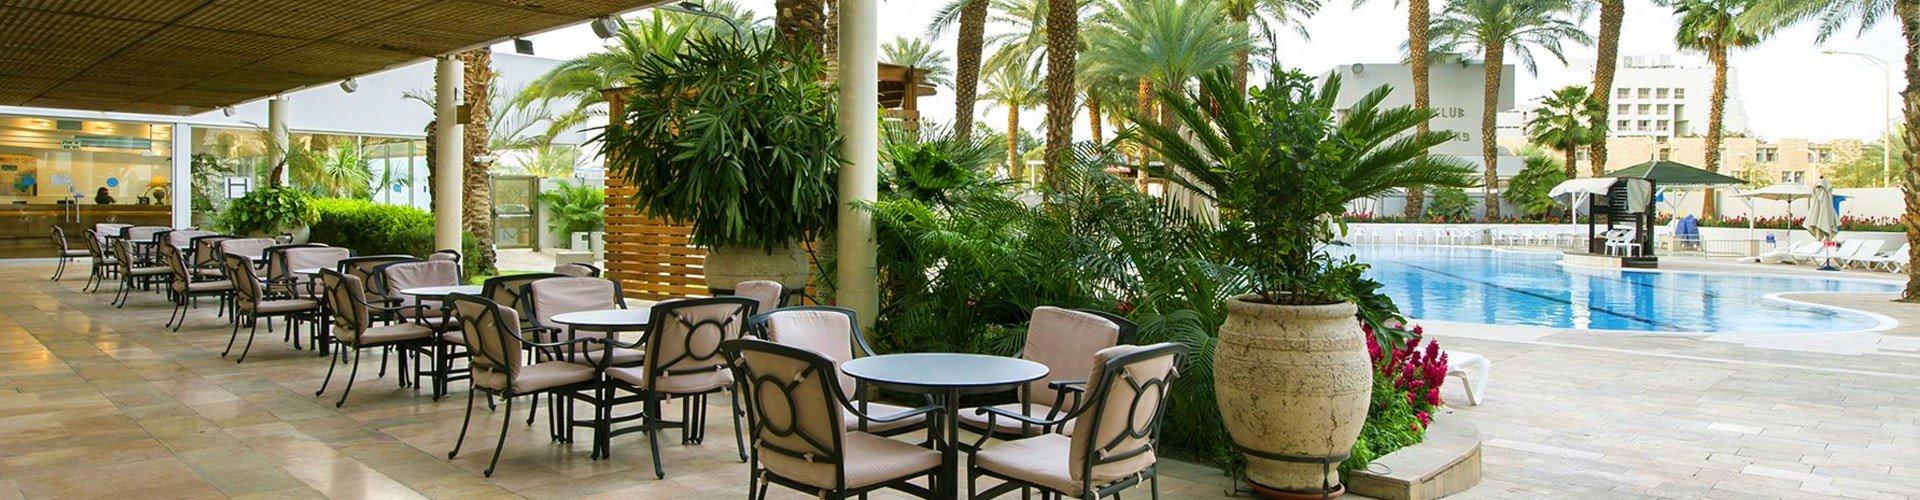 מלון קיסר פרמייר אילת - בריכה